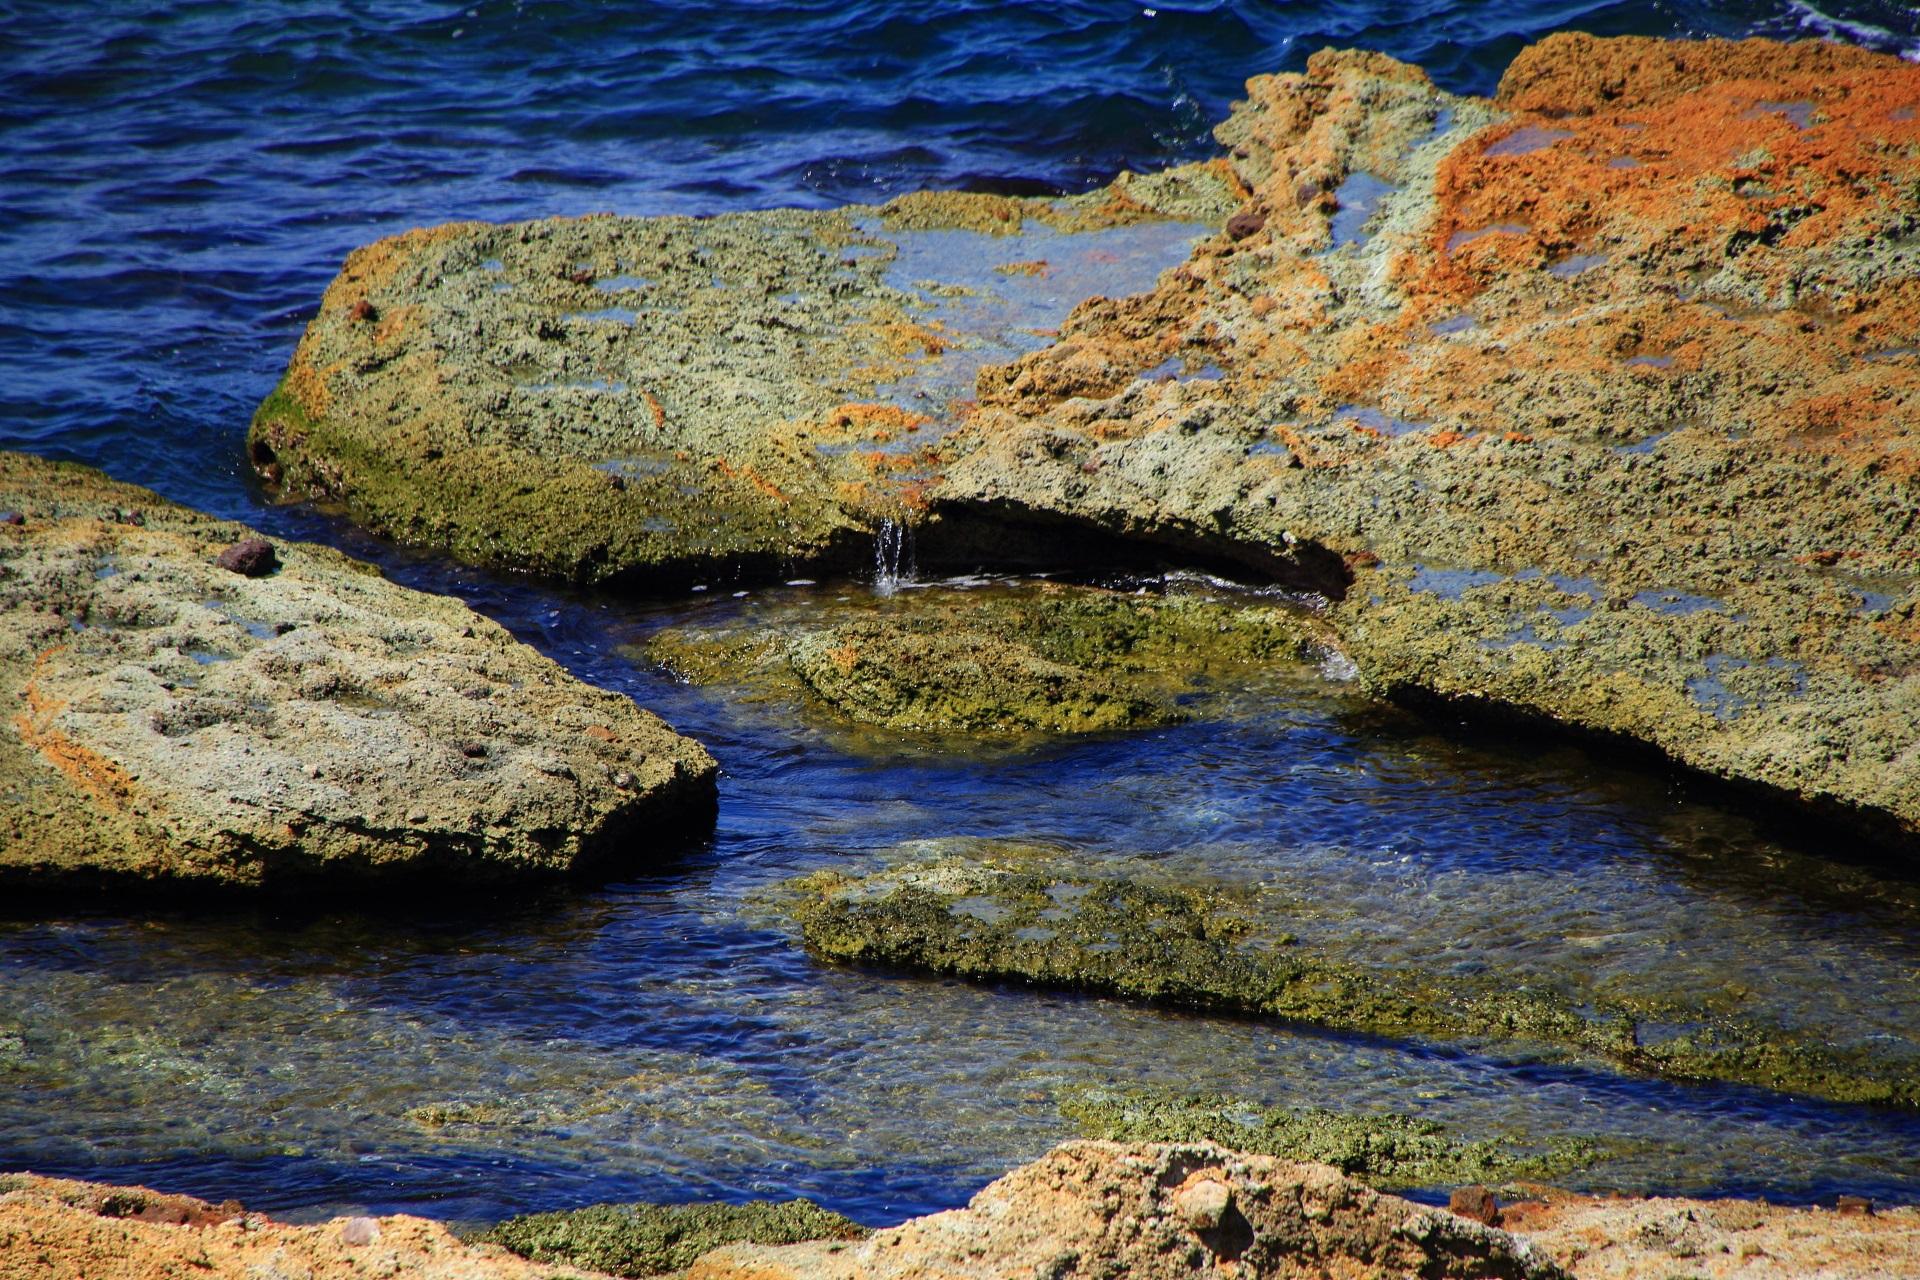 いろんな生物が生息する五色浜